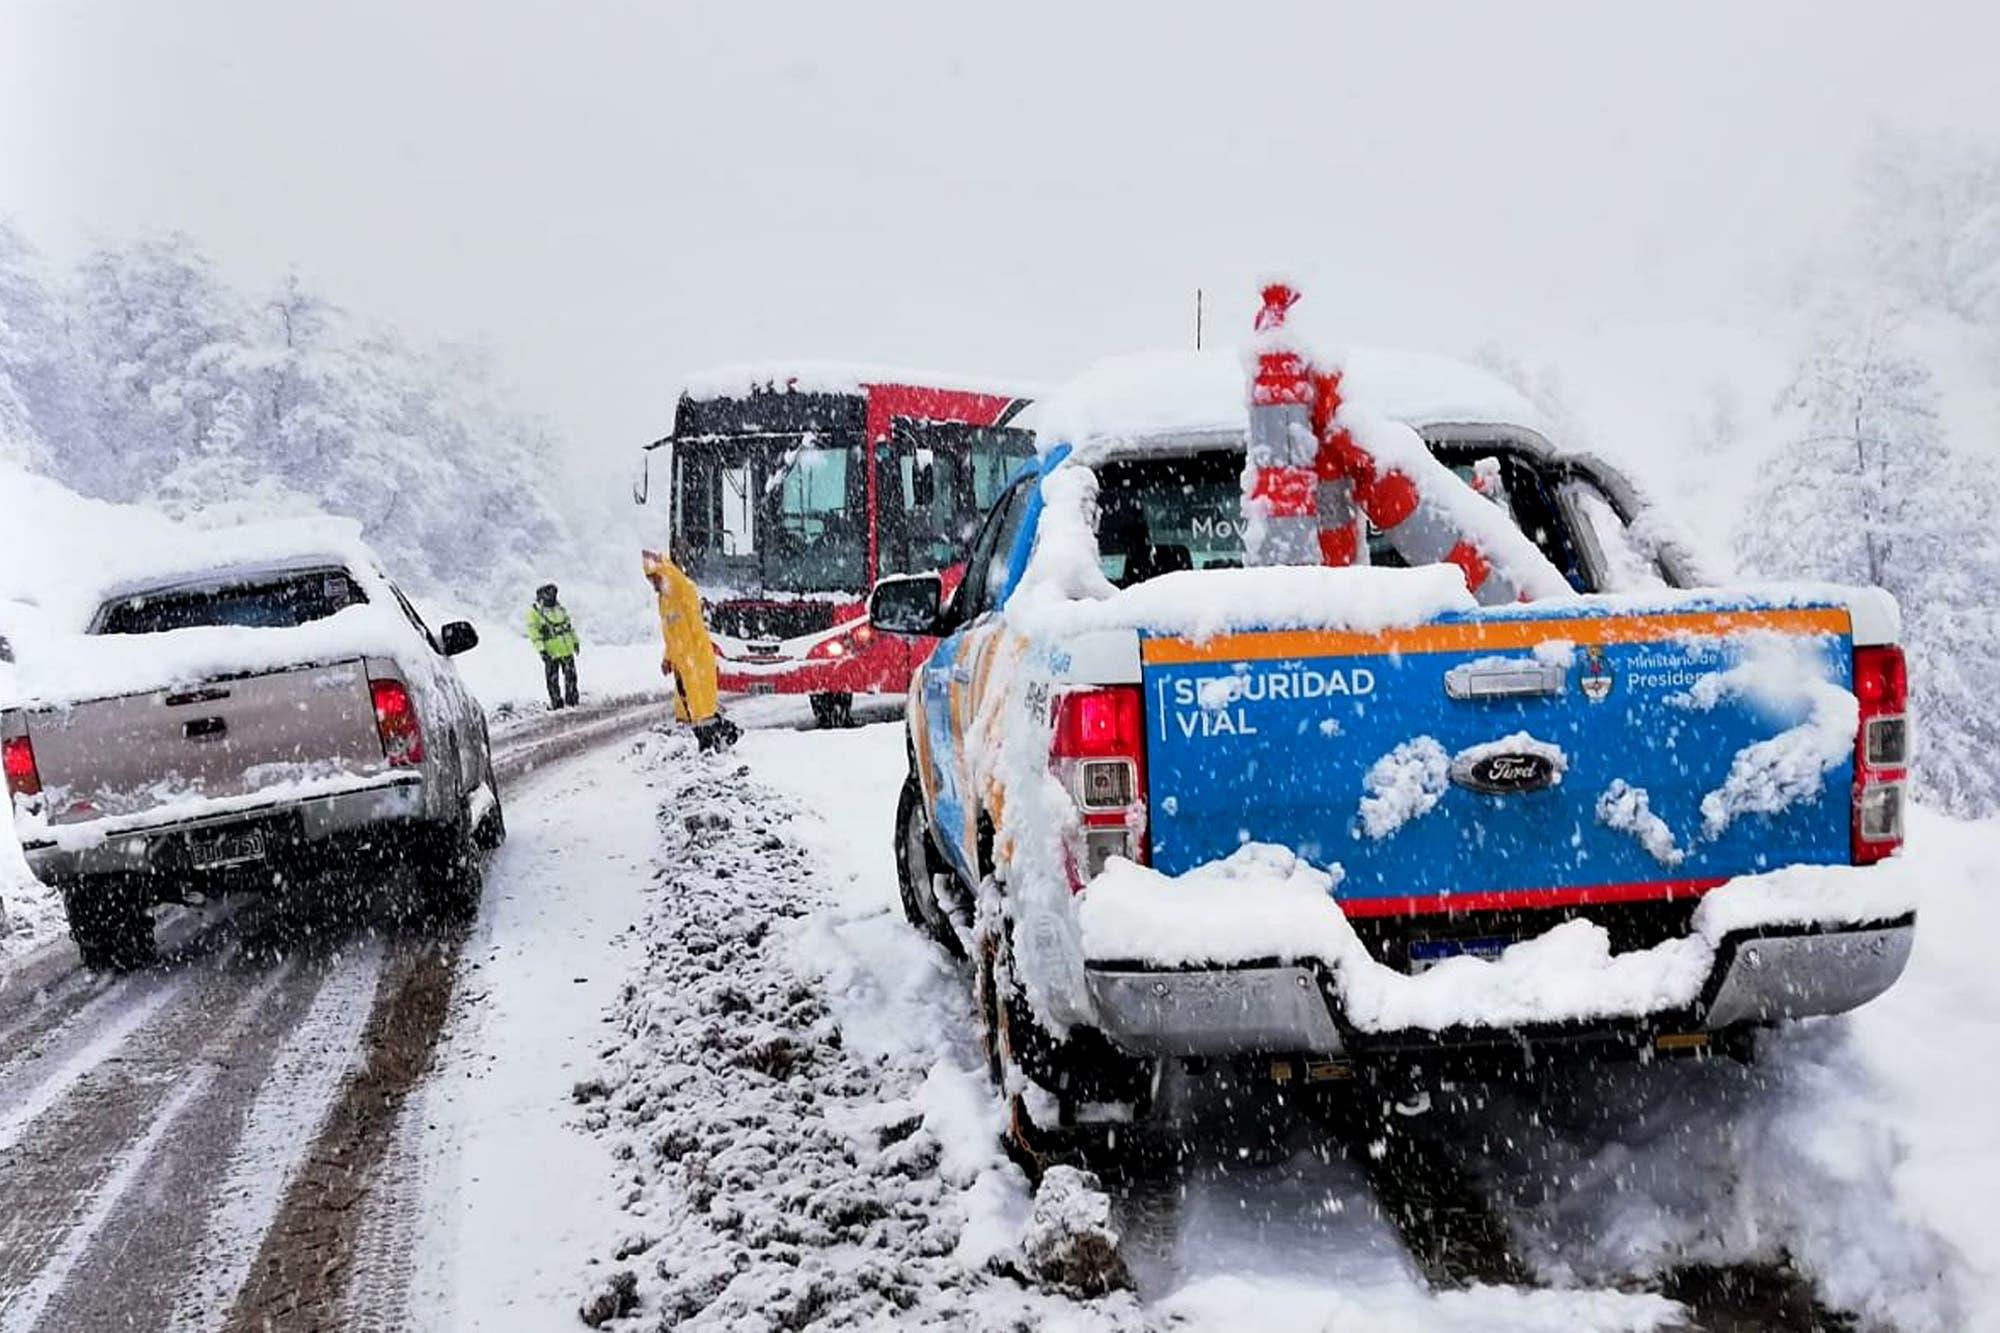 Temporal de nieve: trabajan para despejar 500 kilómetros de ruta en la Patagonia